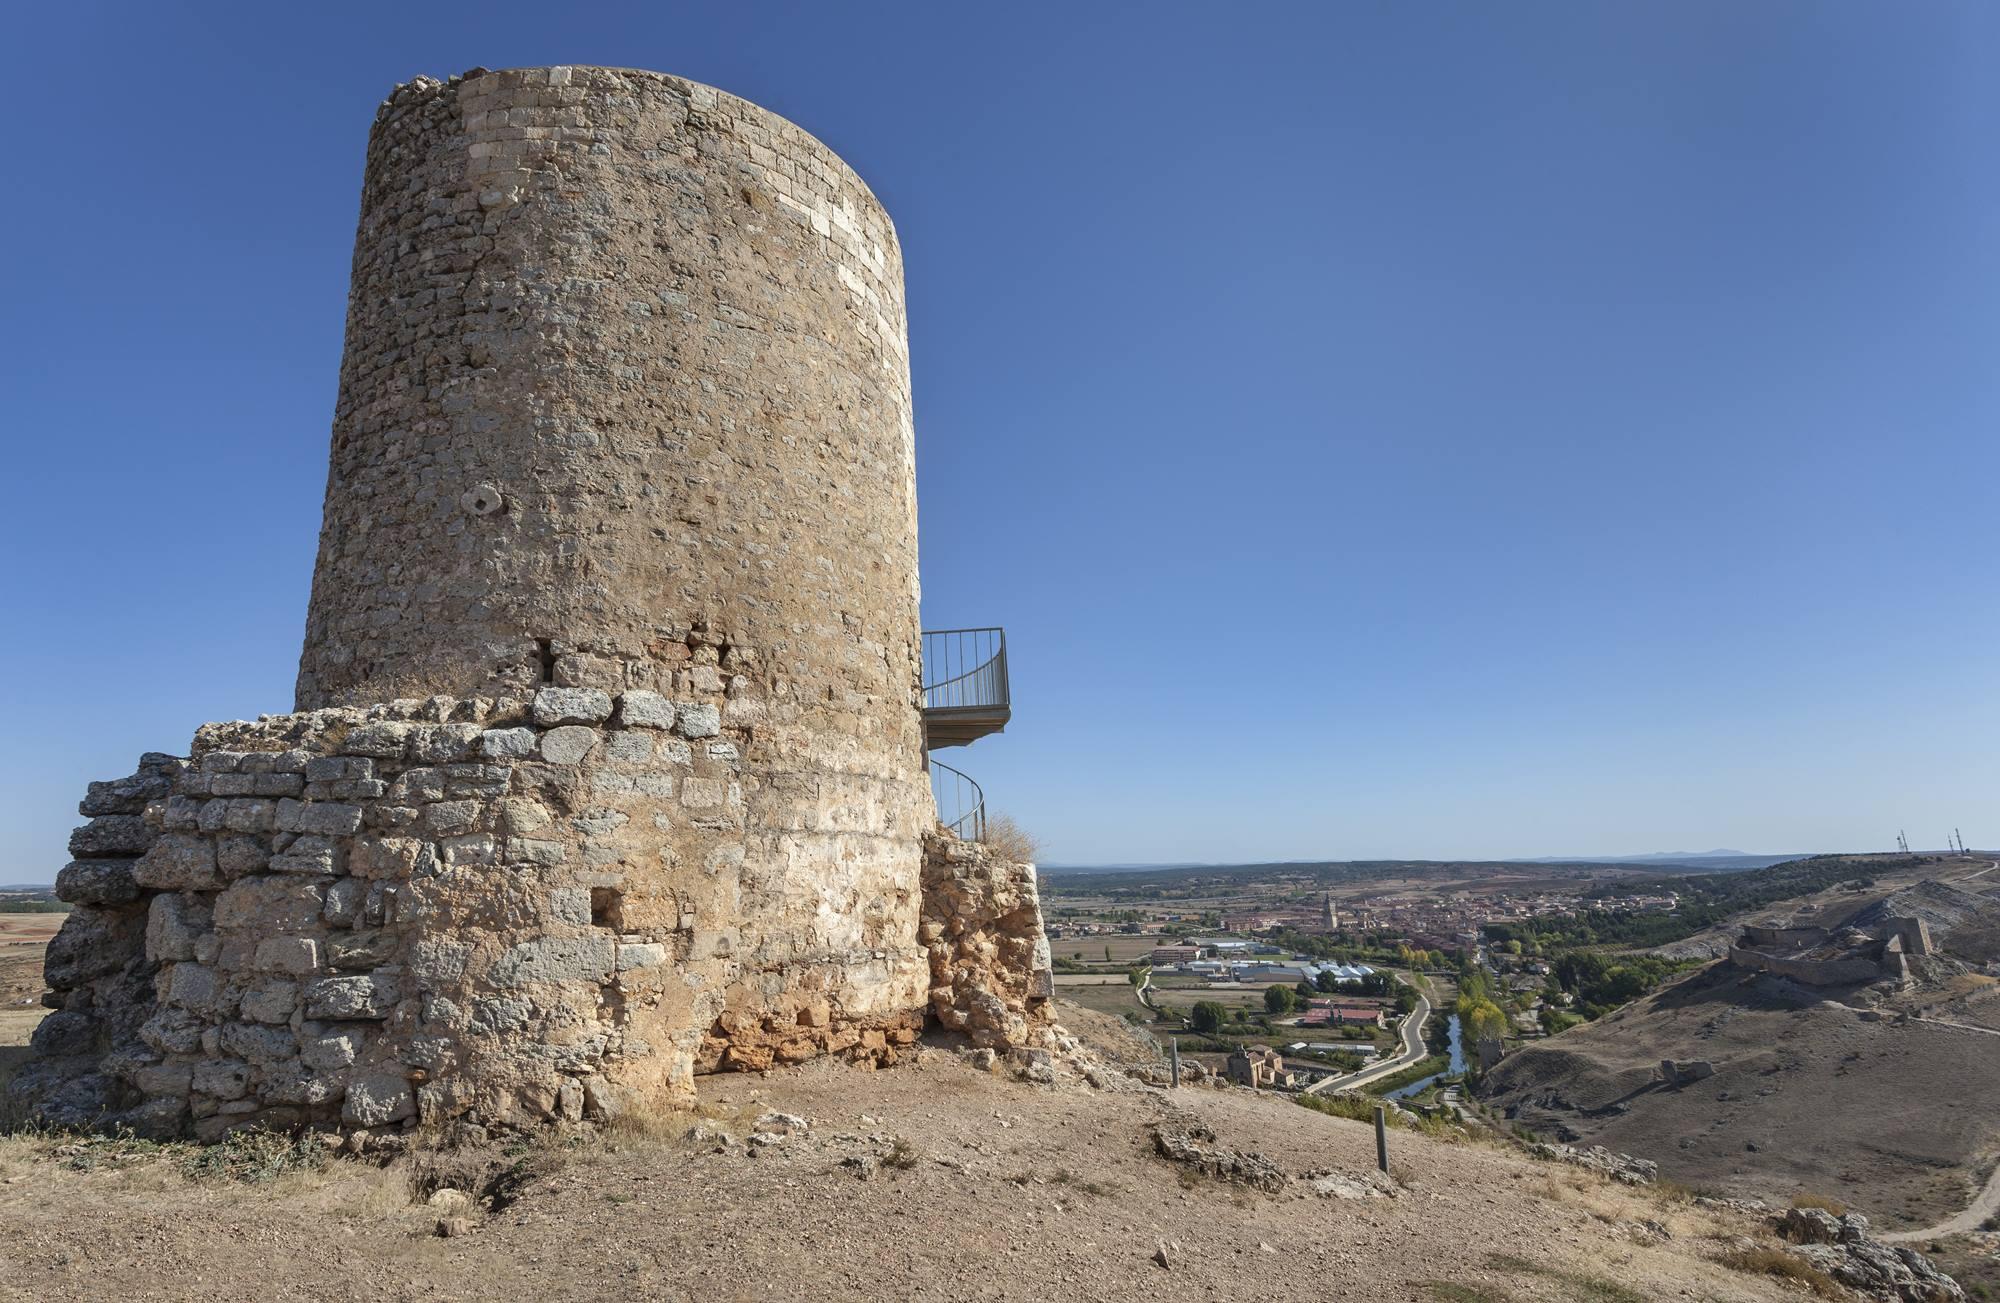 Uno de los múltiples restos de la época romana en El Burgo de Osma, antigua Uxama. Foto: Shutterstock.